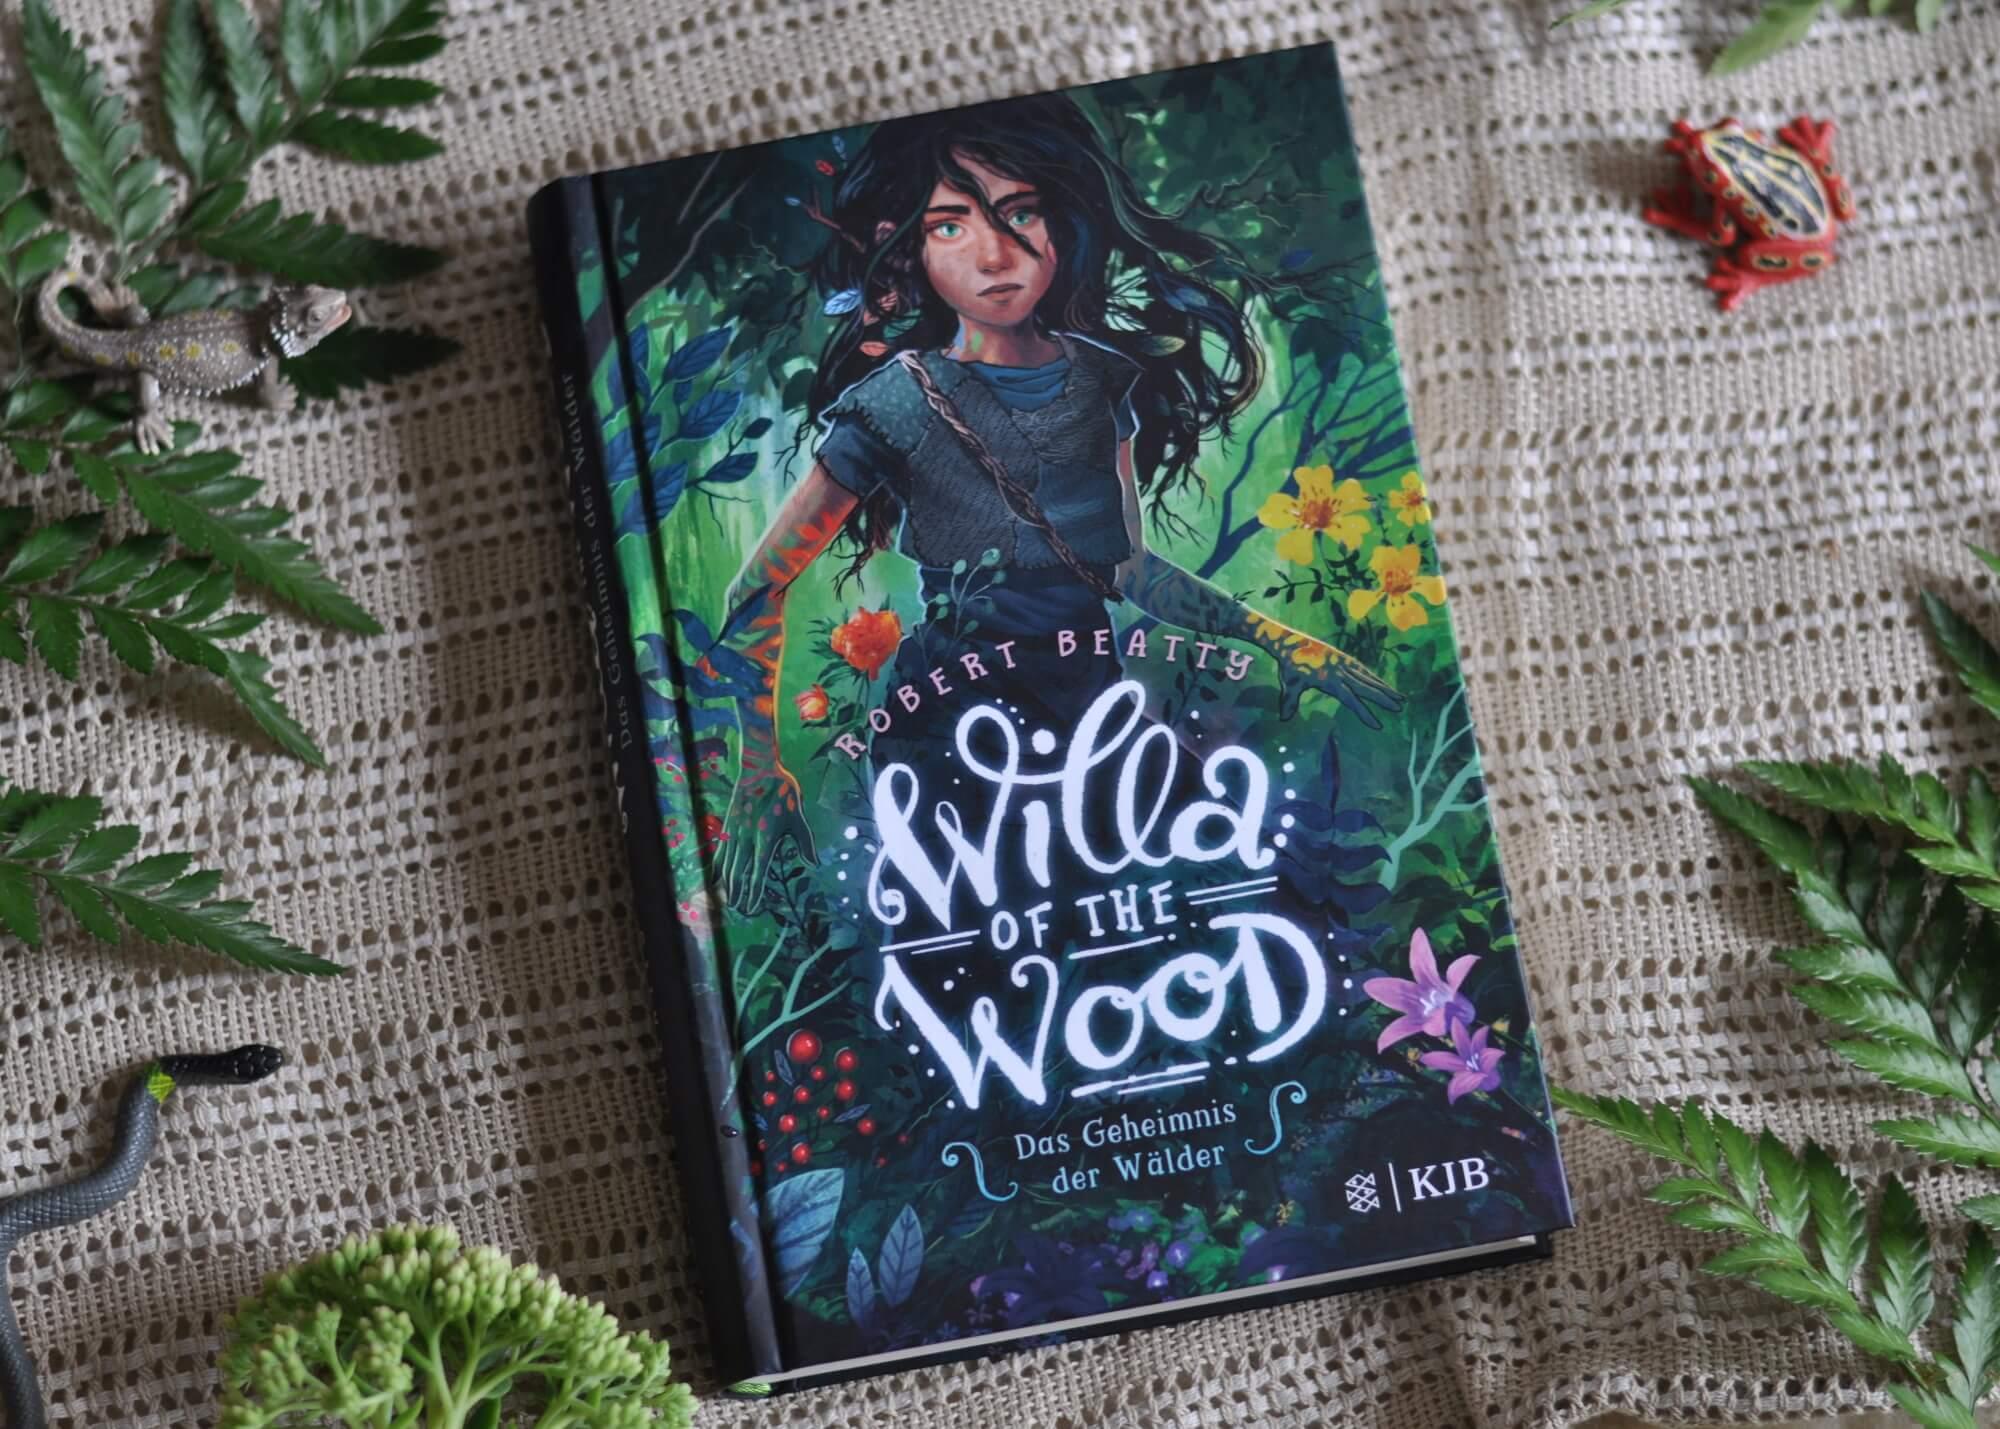 Willa of the Wood ist eines von den Büchern, die man am liebsten in einem Rutsch lesen würde. Schon von der ersten Seite ist die Geschichte der jungen Faeran, die in den Wäldern lebt und mit Pflanzen und Tieren sprechen kann, wahnsinnig spannend. Willa stiehlt, wird verletzt, muss sich gegen gemeine Clanmitglieder behaupten, findet ein Geheimnis heraus, wird verstoßen, kämpft, blutet, hilft, lernt. Ein Buch über Natur, Familie und Zusammenhalt. #kinder #buch #natur #wald #fantasy #magie #lesen #umwelt #tiere